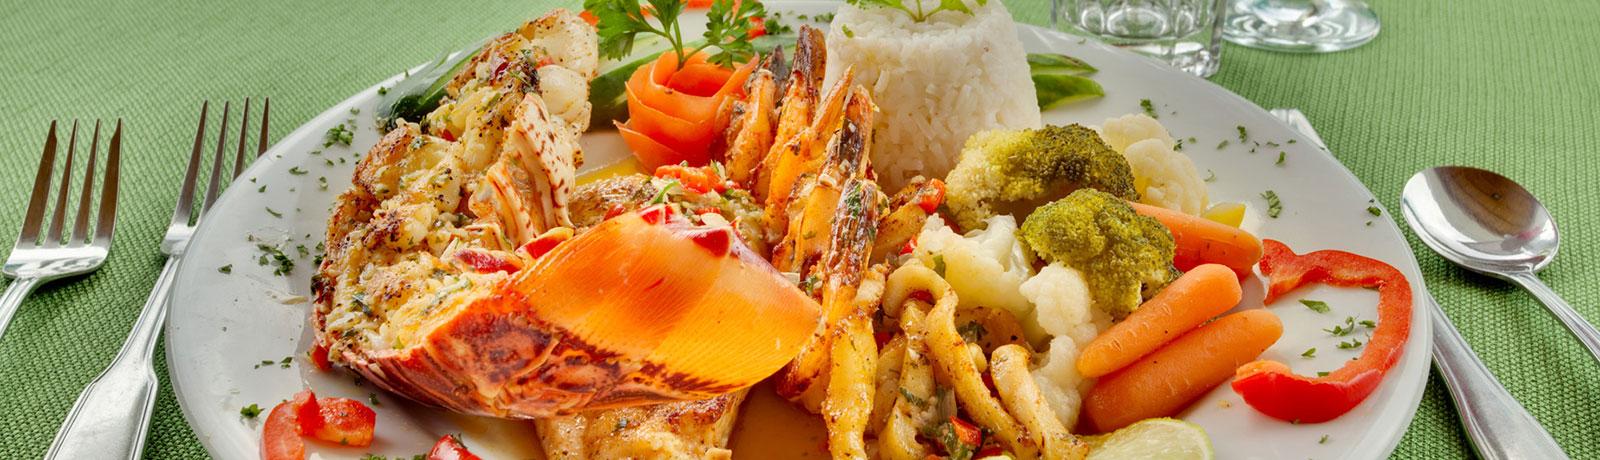 Dining in Belize at Belizean Shores Resort